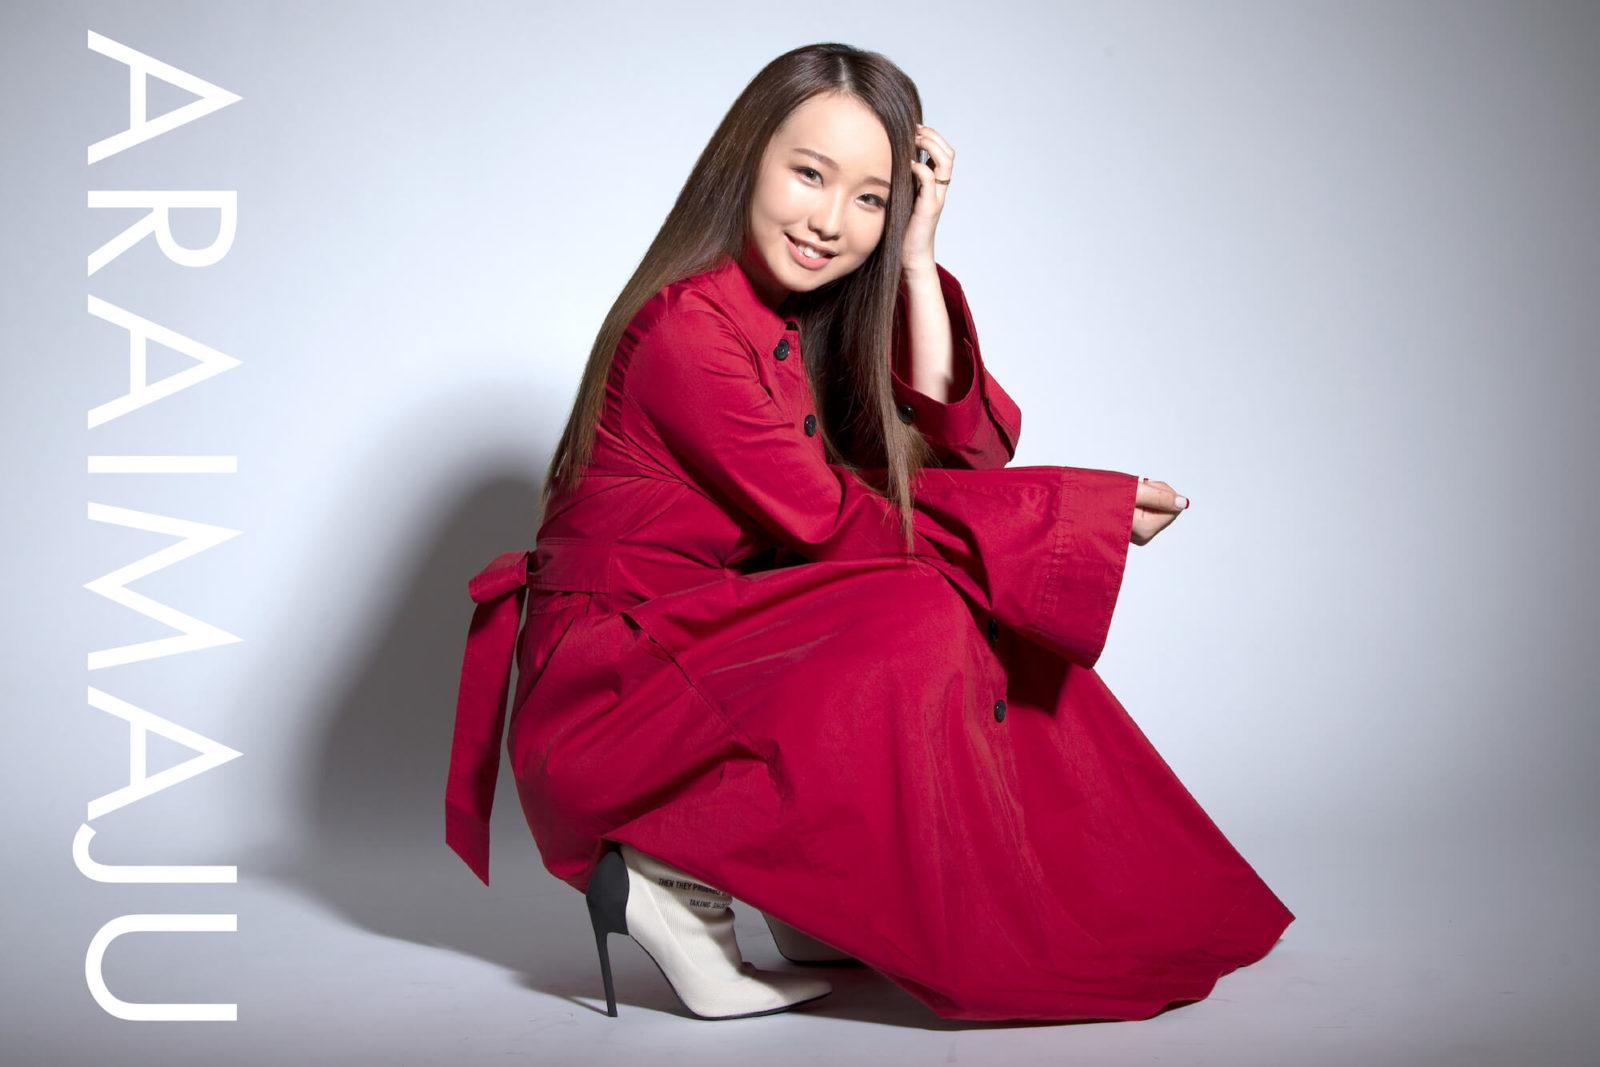 荒井麻珠のファーストシングル「Find MySelf!」MVがYouTubeで公開サムネイル画像